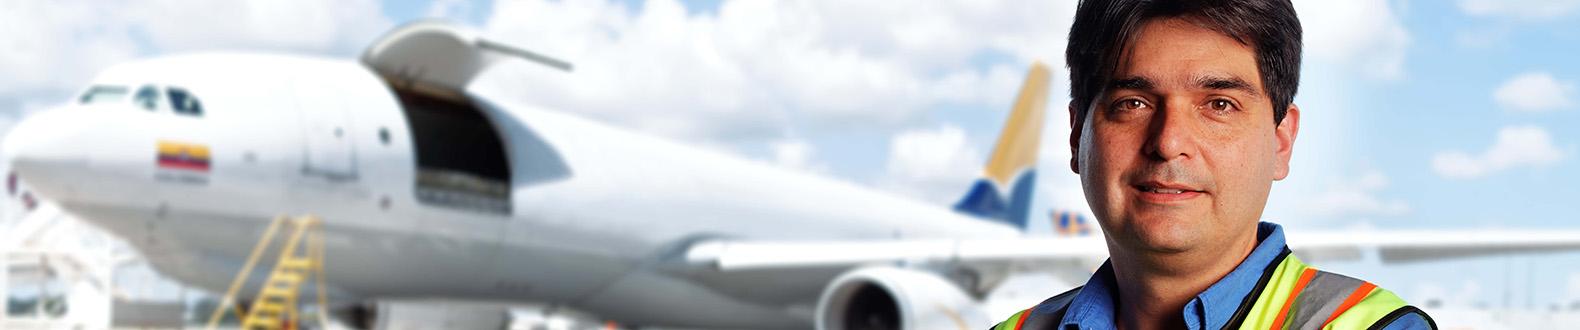 DB_Schenker_M14_Professional-Blue-White-Collar-Male_Airplane-data